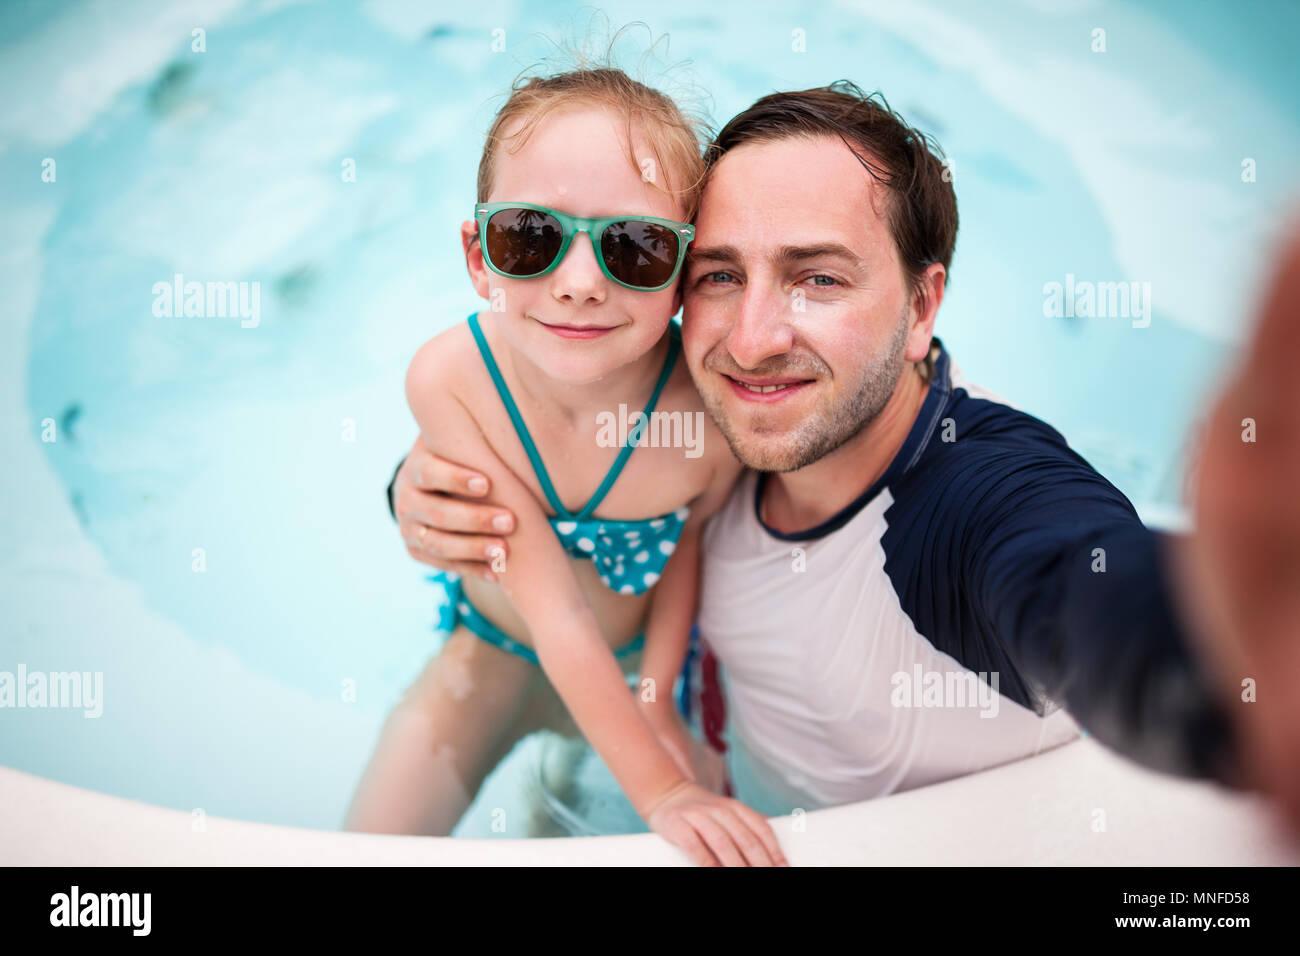 La famiglia felice padre e sua adorabile figlia piccola a piscina all'aperto rendendo selfie Foto Stock